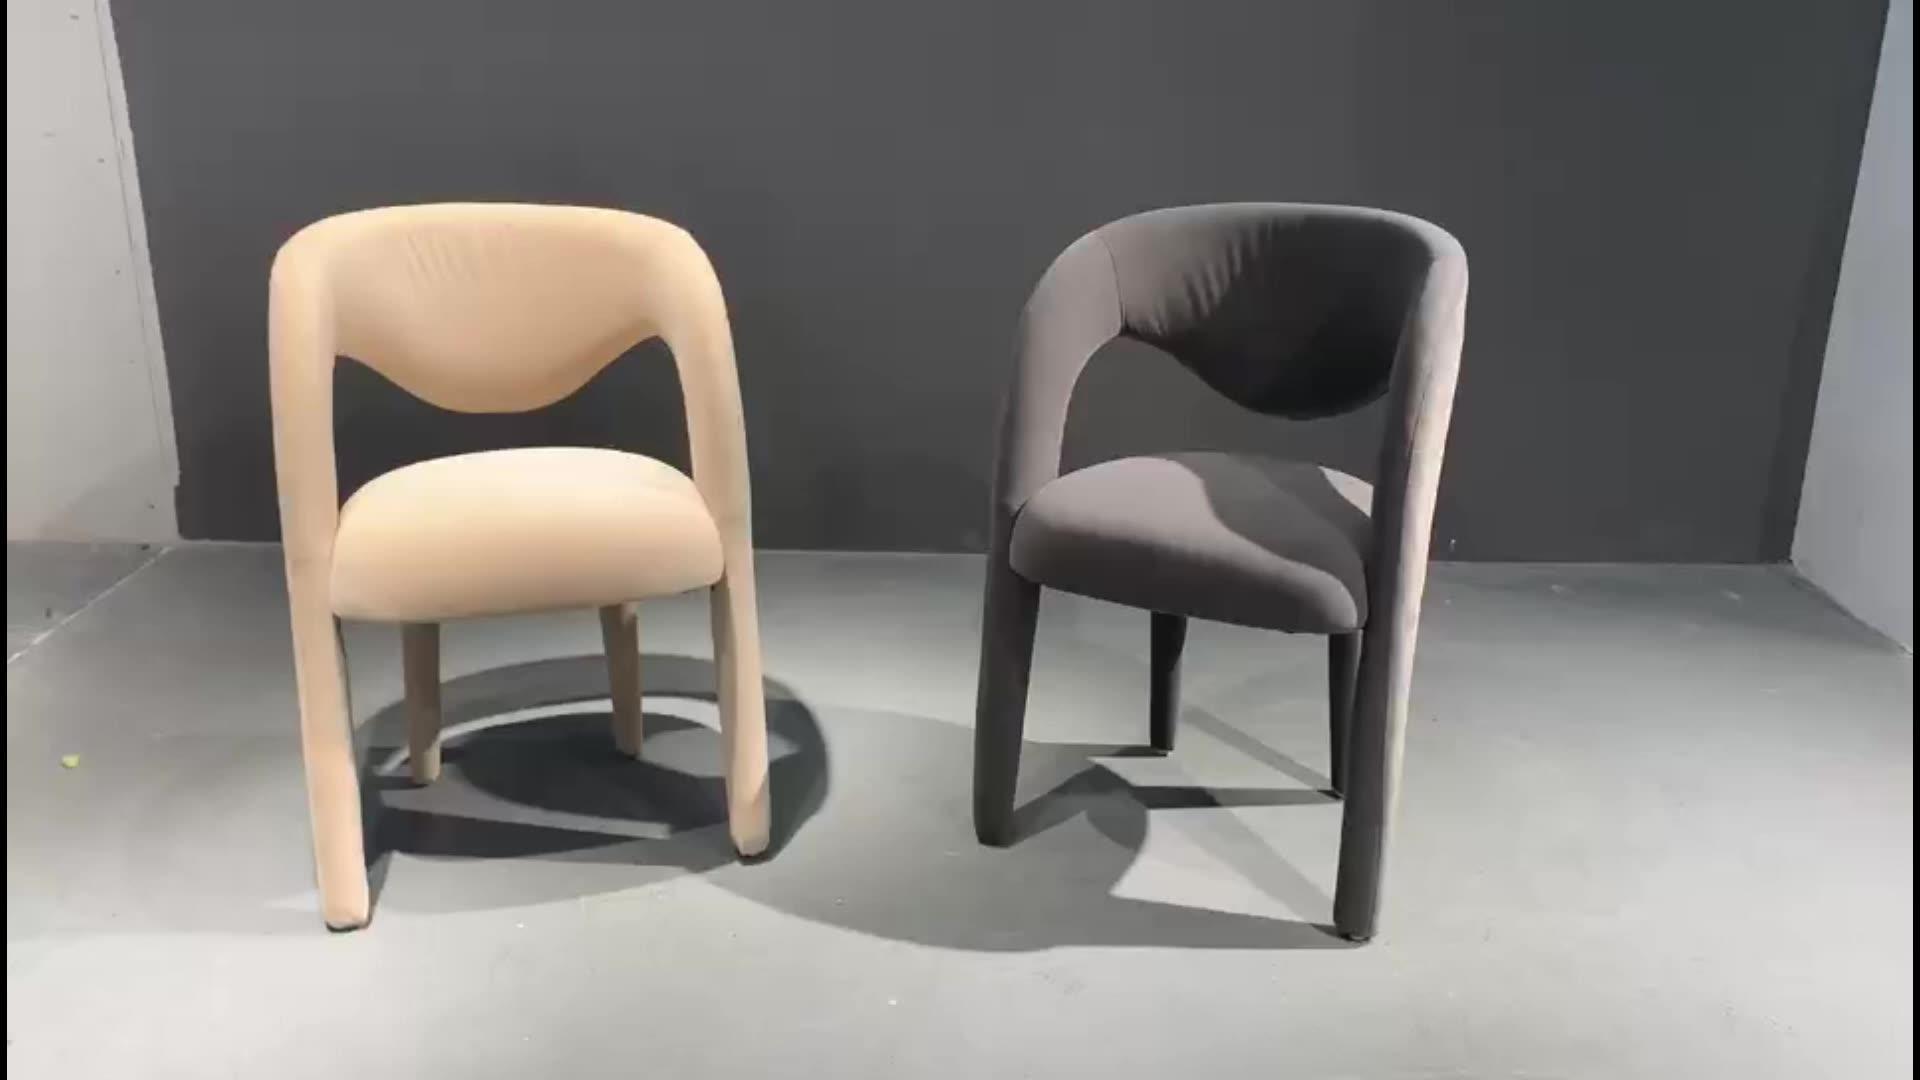 Europeo nórdico escandinavo tapizado Silla de comedor danés francés Holland de tela de terciopelo de la silla